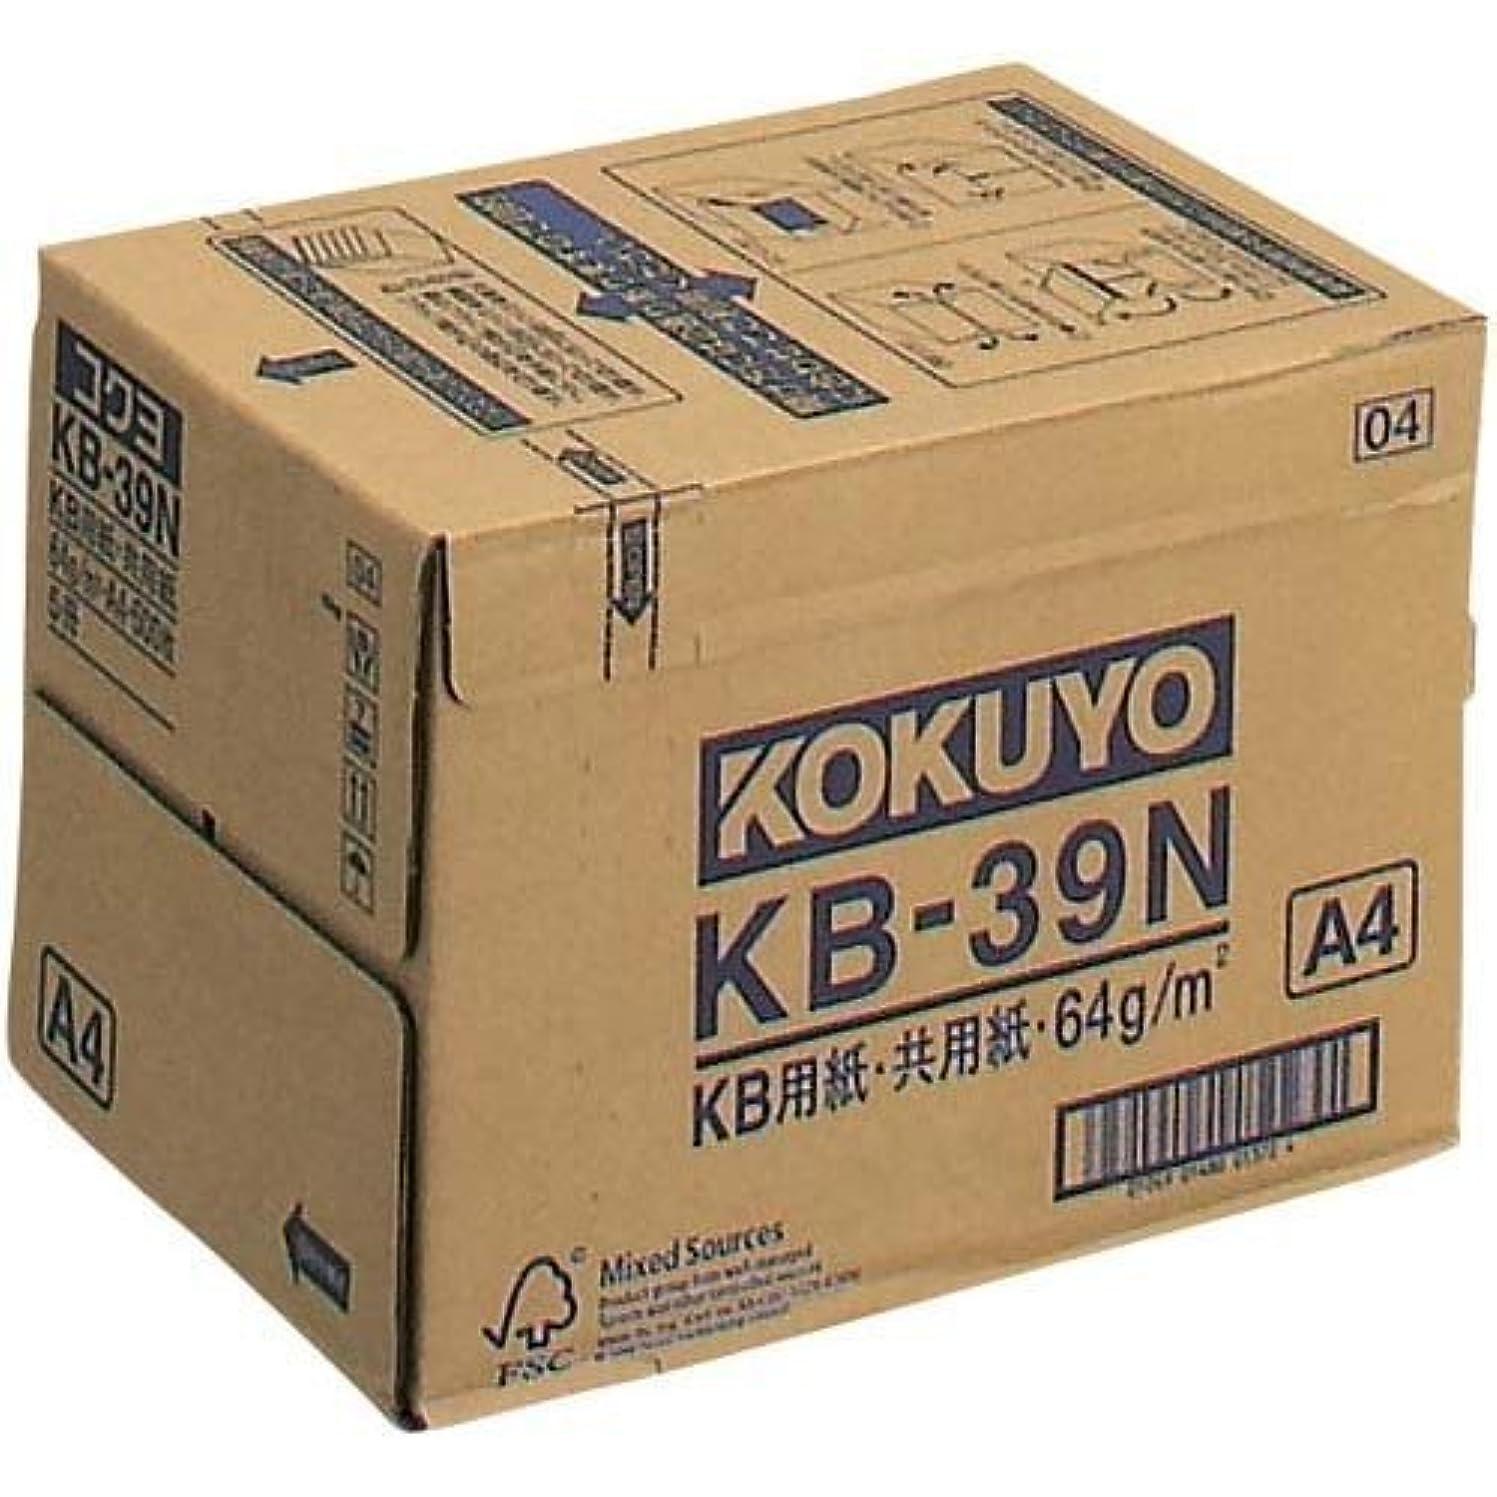 知覚できる肩をすくめるソーシャルコクヨ コピー用紙 A4 白色度80% 紙厚0.09mm 2500枚(500×5) FSC認証 KB-39N